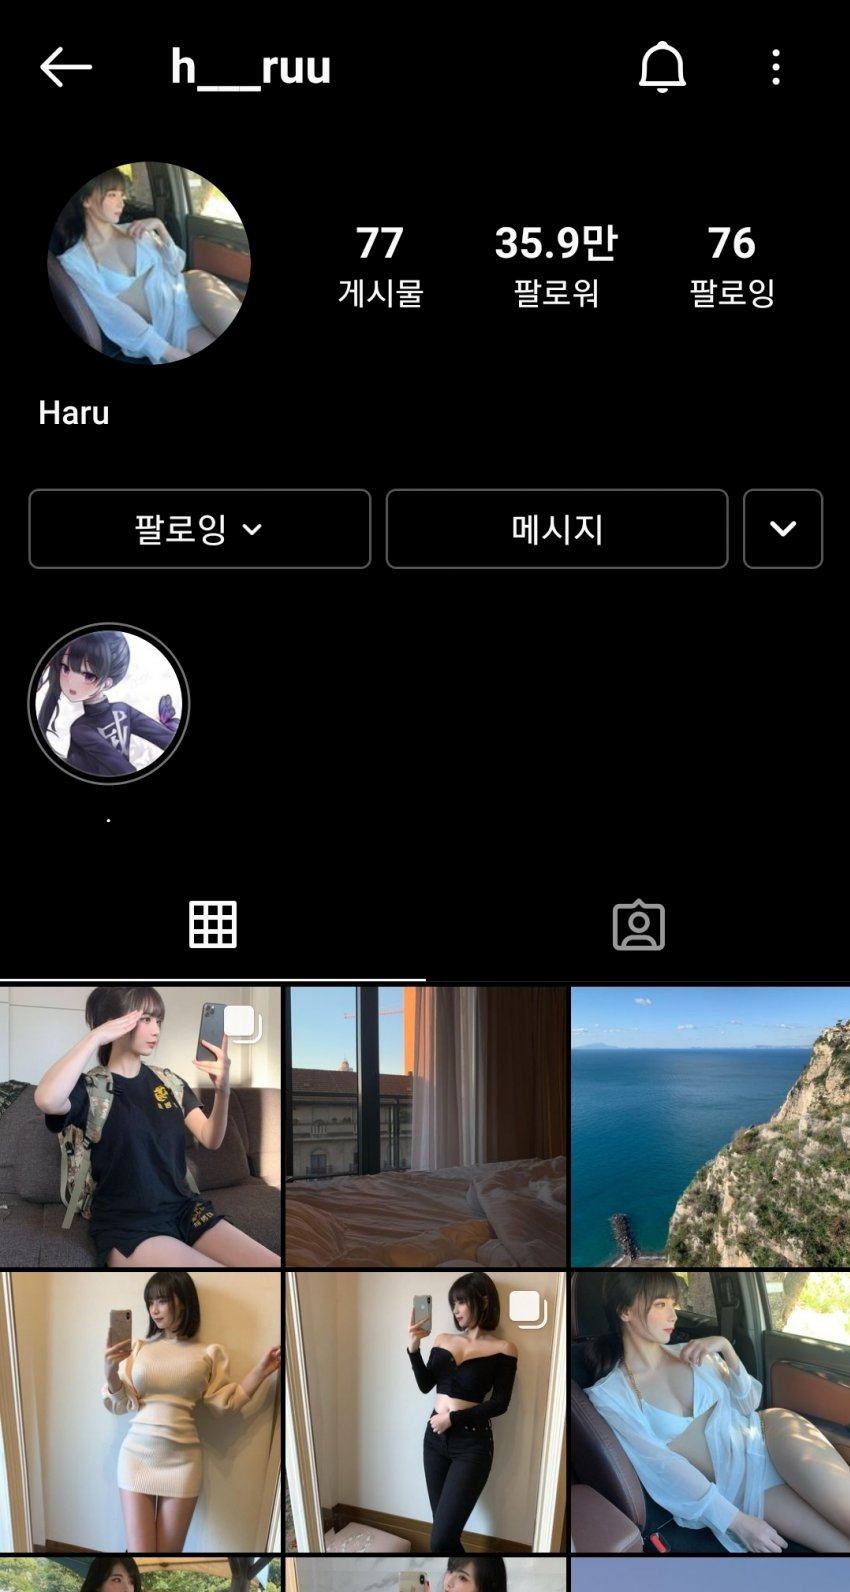 viewimage.php?id=2cb2d521e4df3d&no=24b0d769e1d32ca73fec81fa11d02831b46f6c3837711f4400726c62dd6222588f30f683f254900ff6738882a6ccab63e8b283b4516d5e2852760e980686406593551cc5c44e9ae1bfe09a4c1dccb2dcecc7592669f7e6e1aaf438bed3fba6f7cfbefdbf1b468f